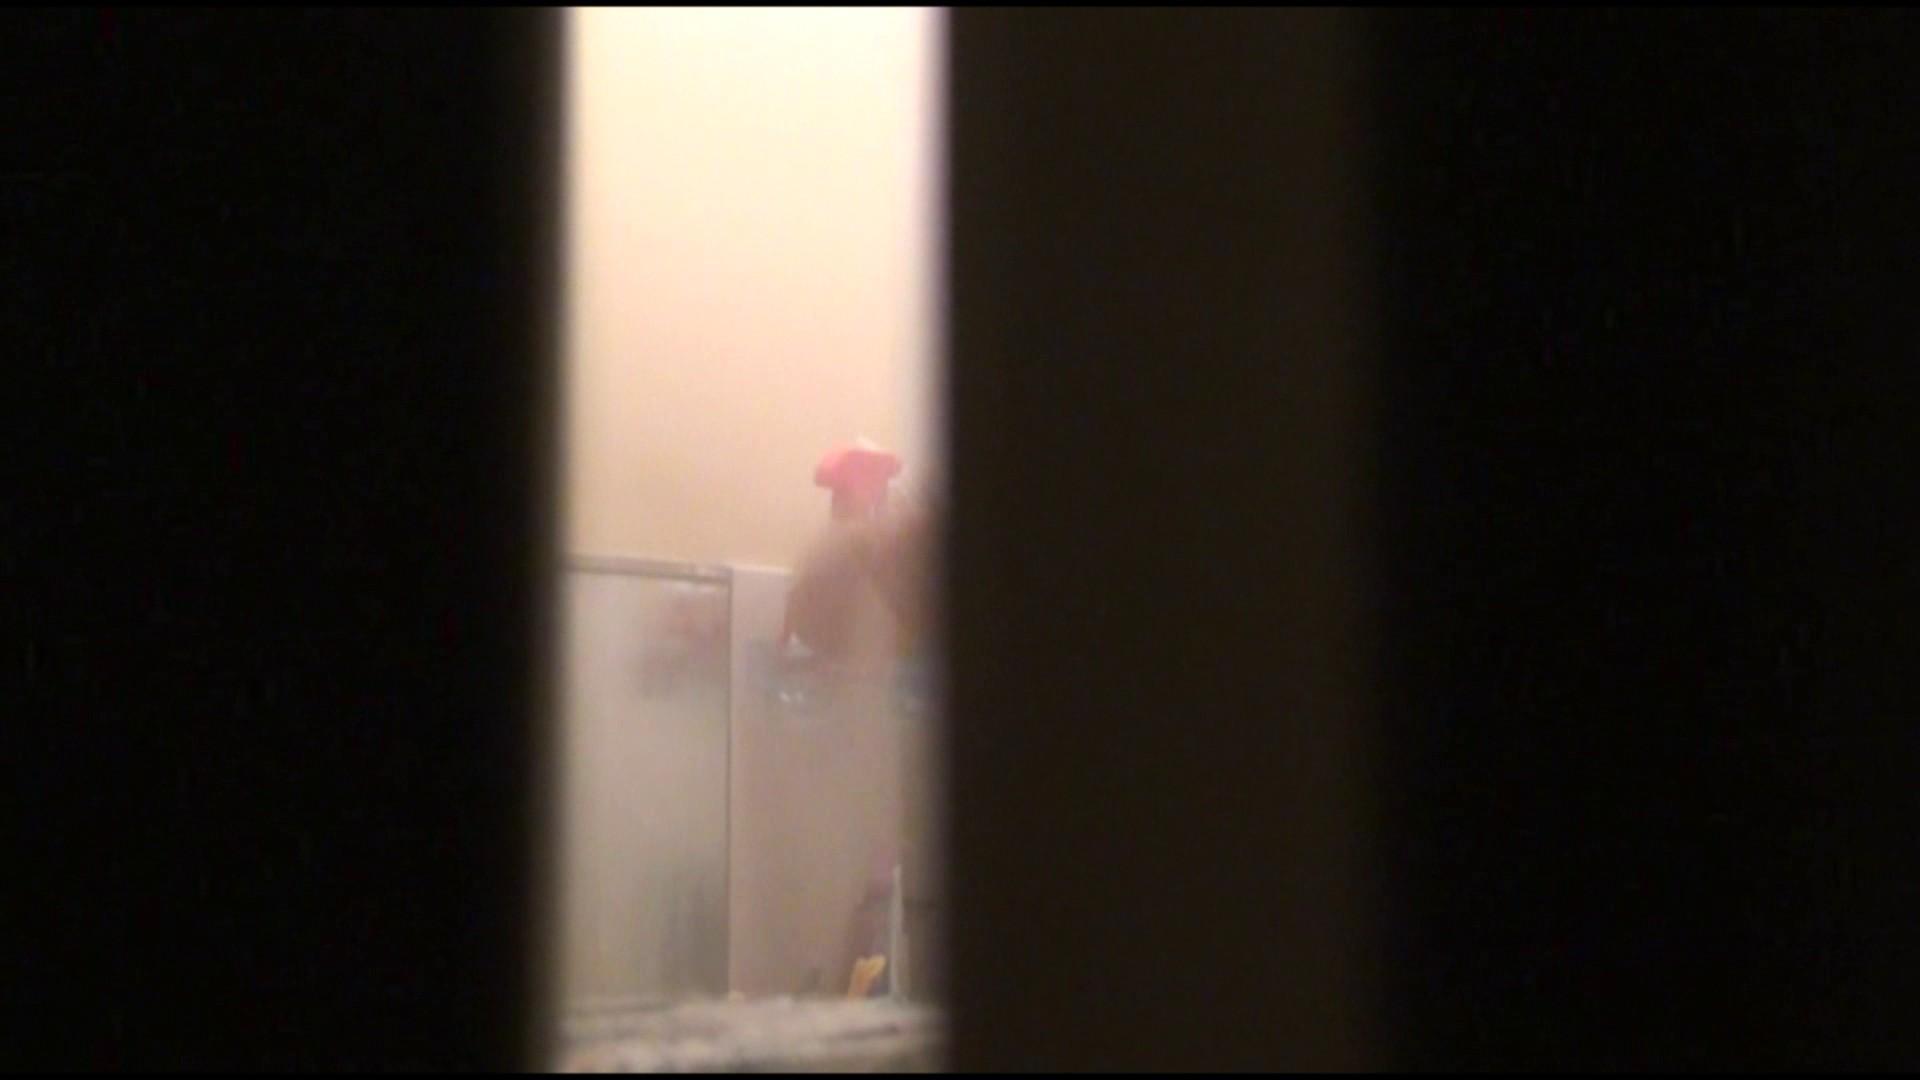 vol.08最高のパイラインを流れるシャワーの水が極上嬢をさらに引き立てます! 美肌 おまんこ無修正動画無料 78画像 59